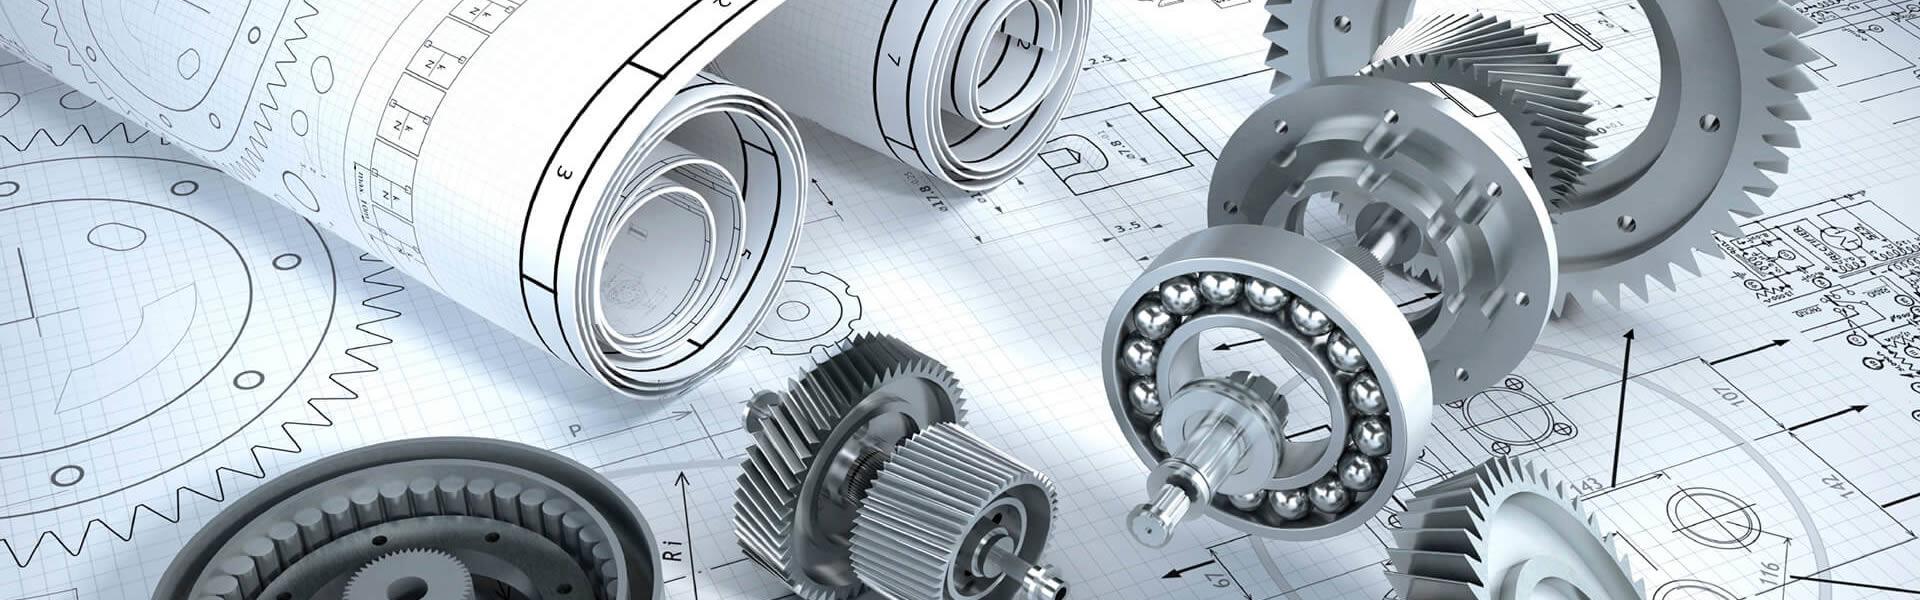 Retrofit de equipamentos, instalação e manutenção de máquinas, usinagem